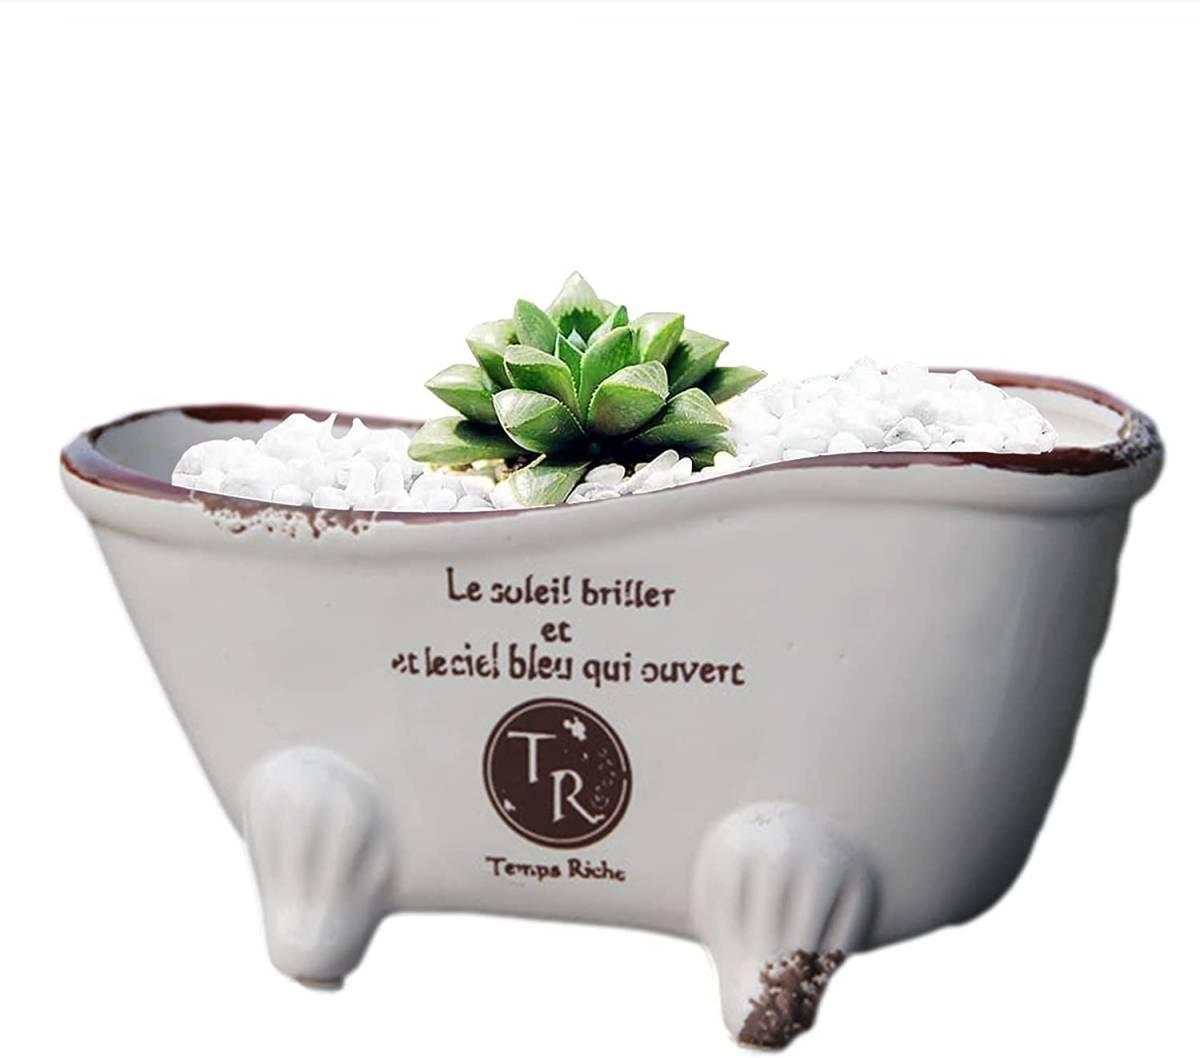 猫足 植木鉢 陶器 バスタブ フラワーポット 多肉植物 サボテン プランター アンティーク調 ガーデニング_画像5